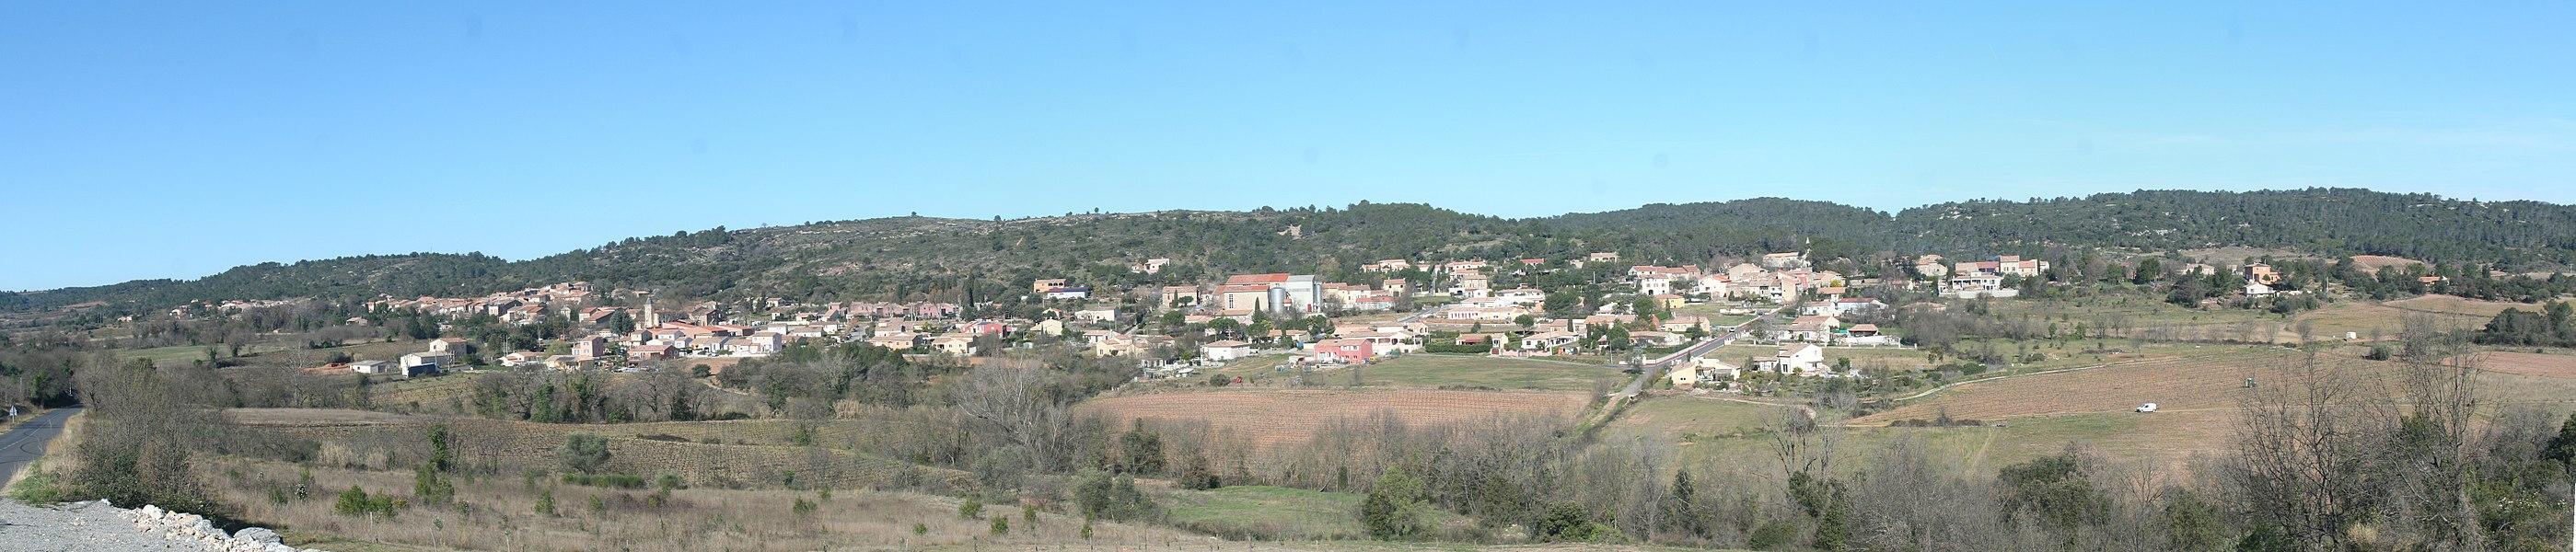 Cazedarnes (Hérault) - panorama